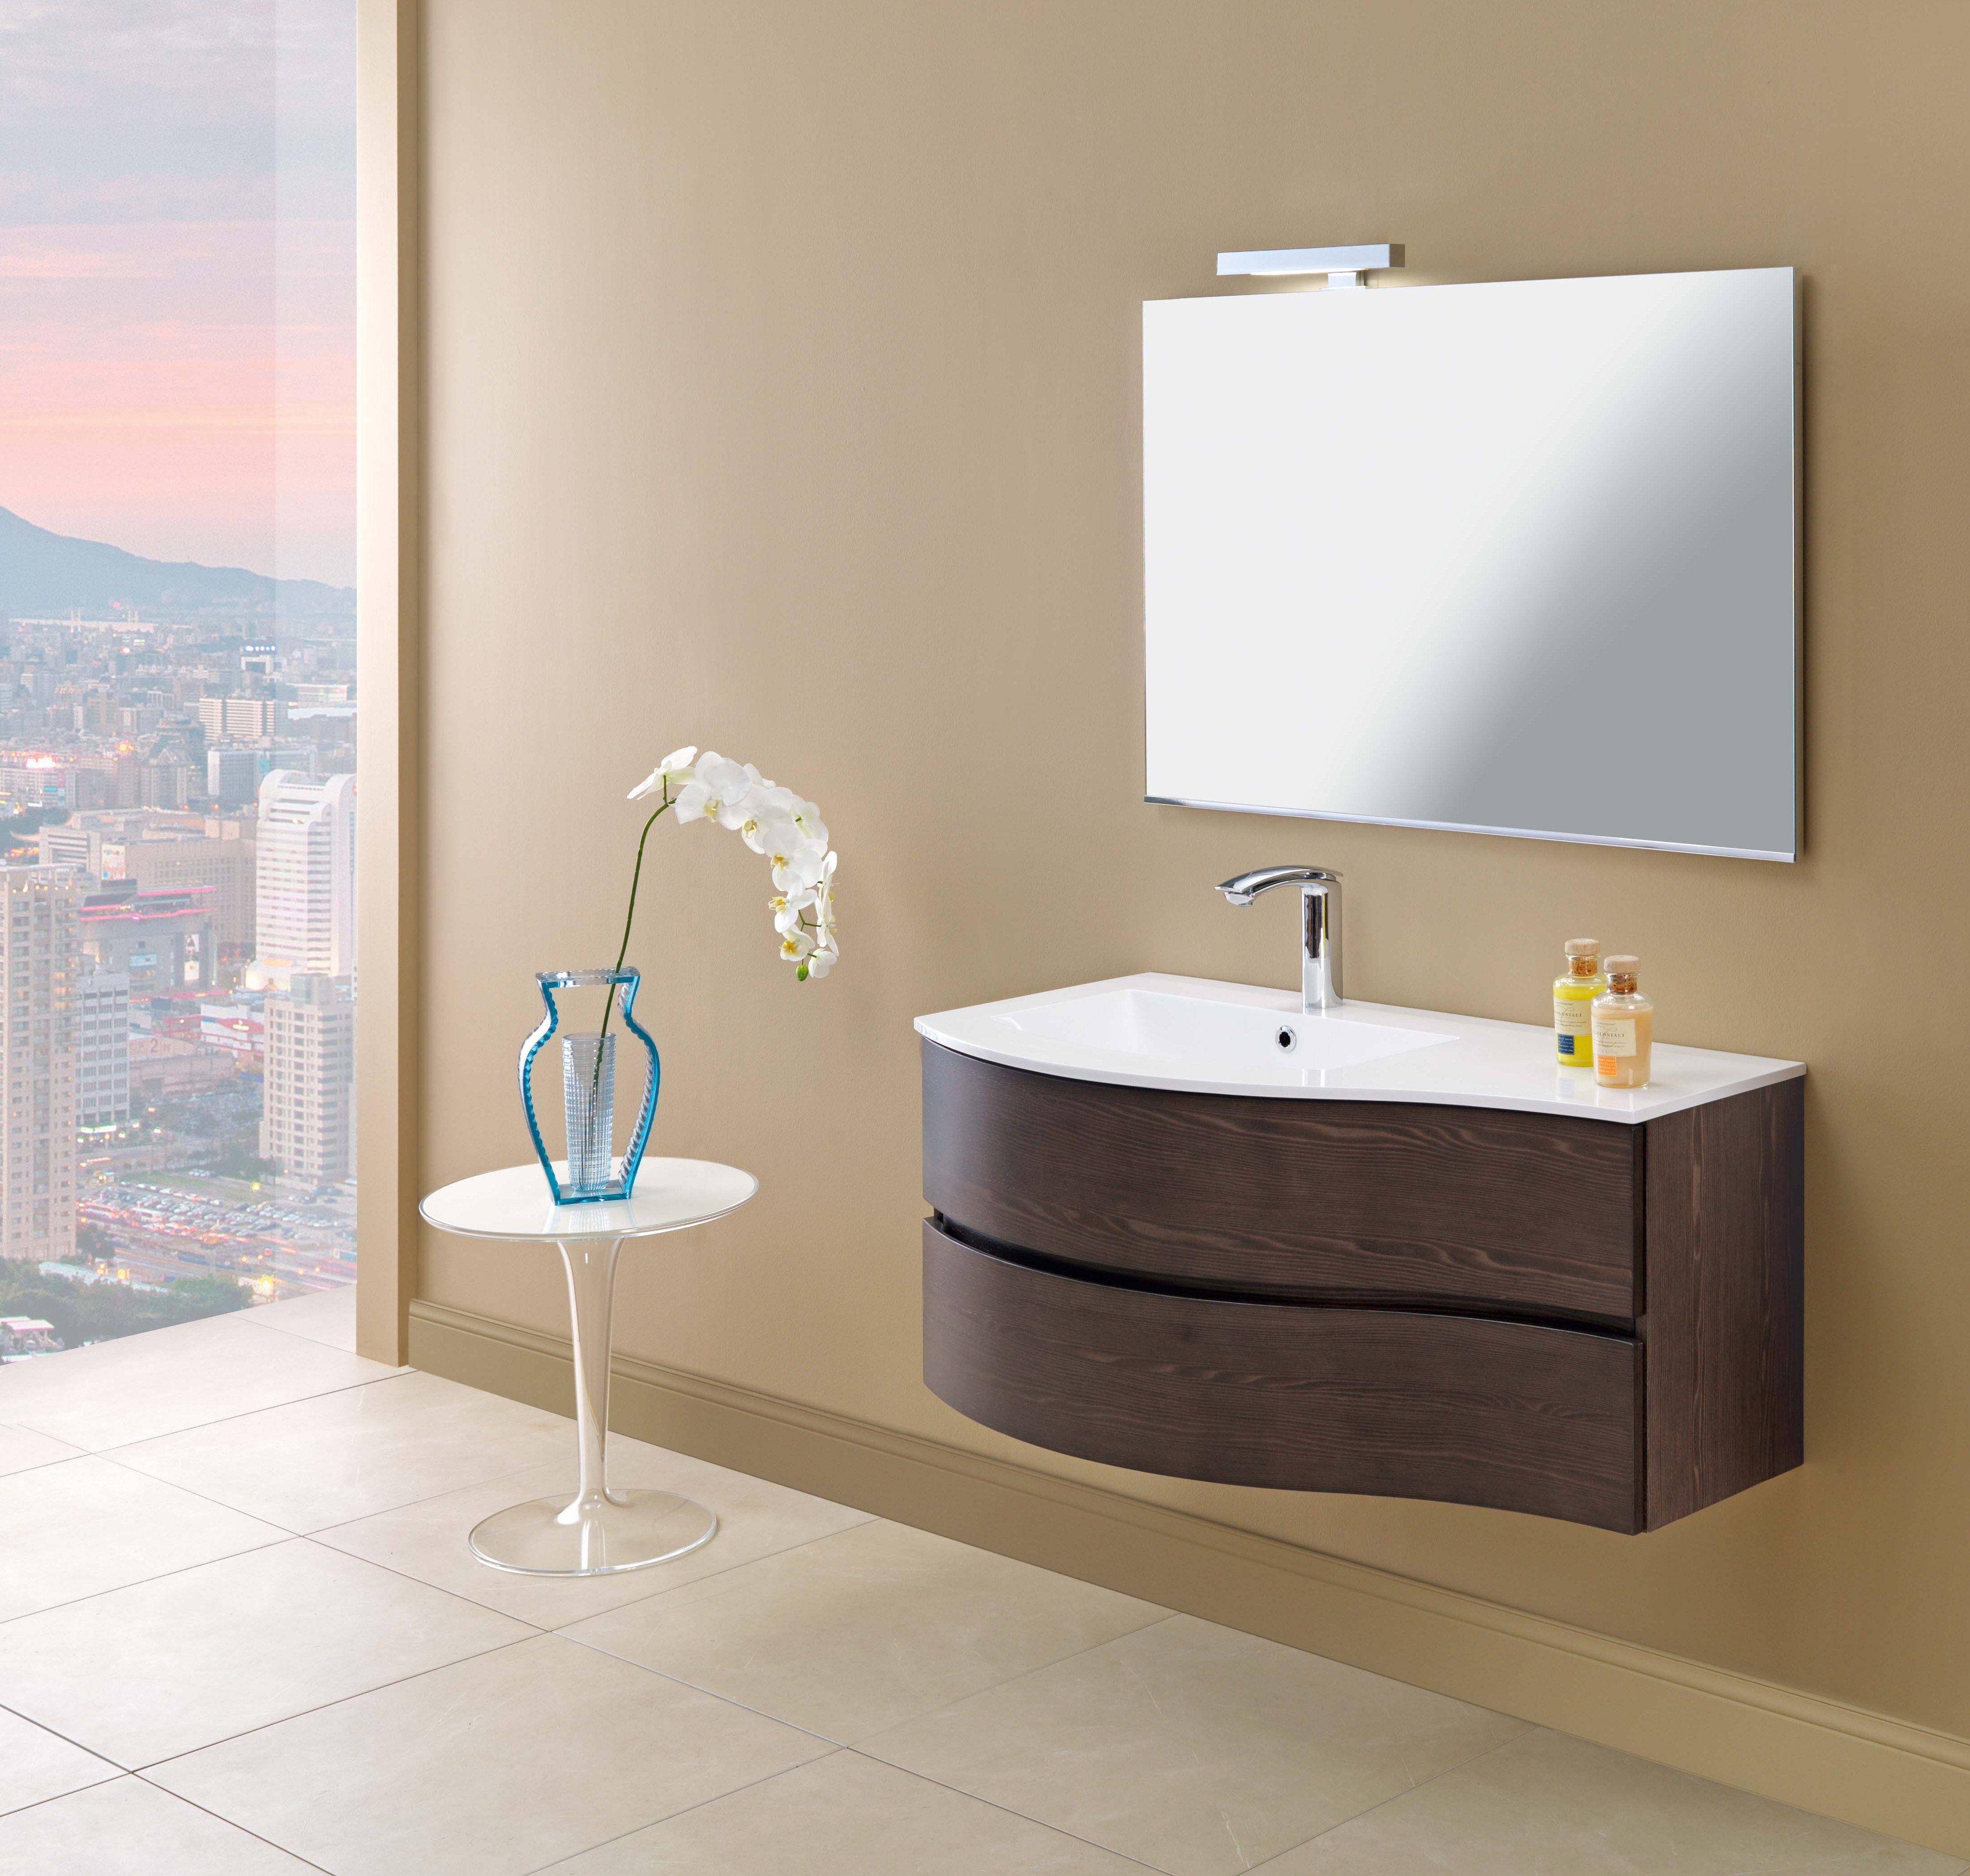 mobile bagno shabby chic - Cerca con Google | bathroom | Pinterest ...